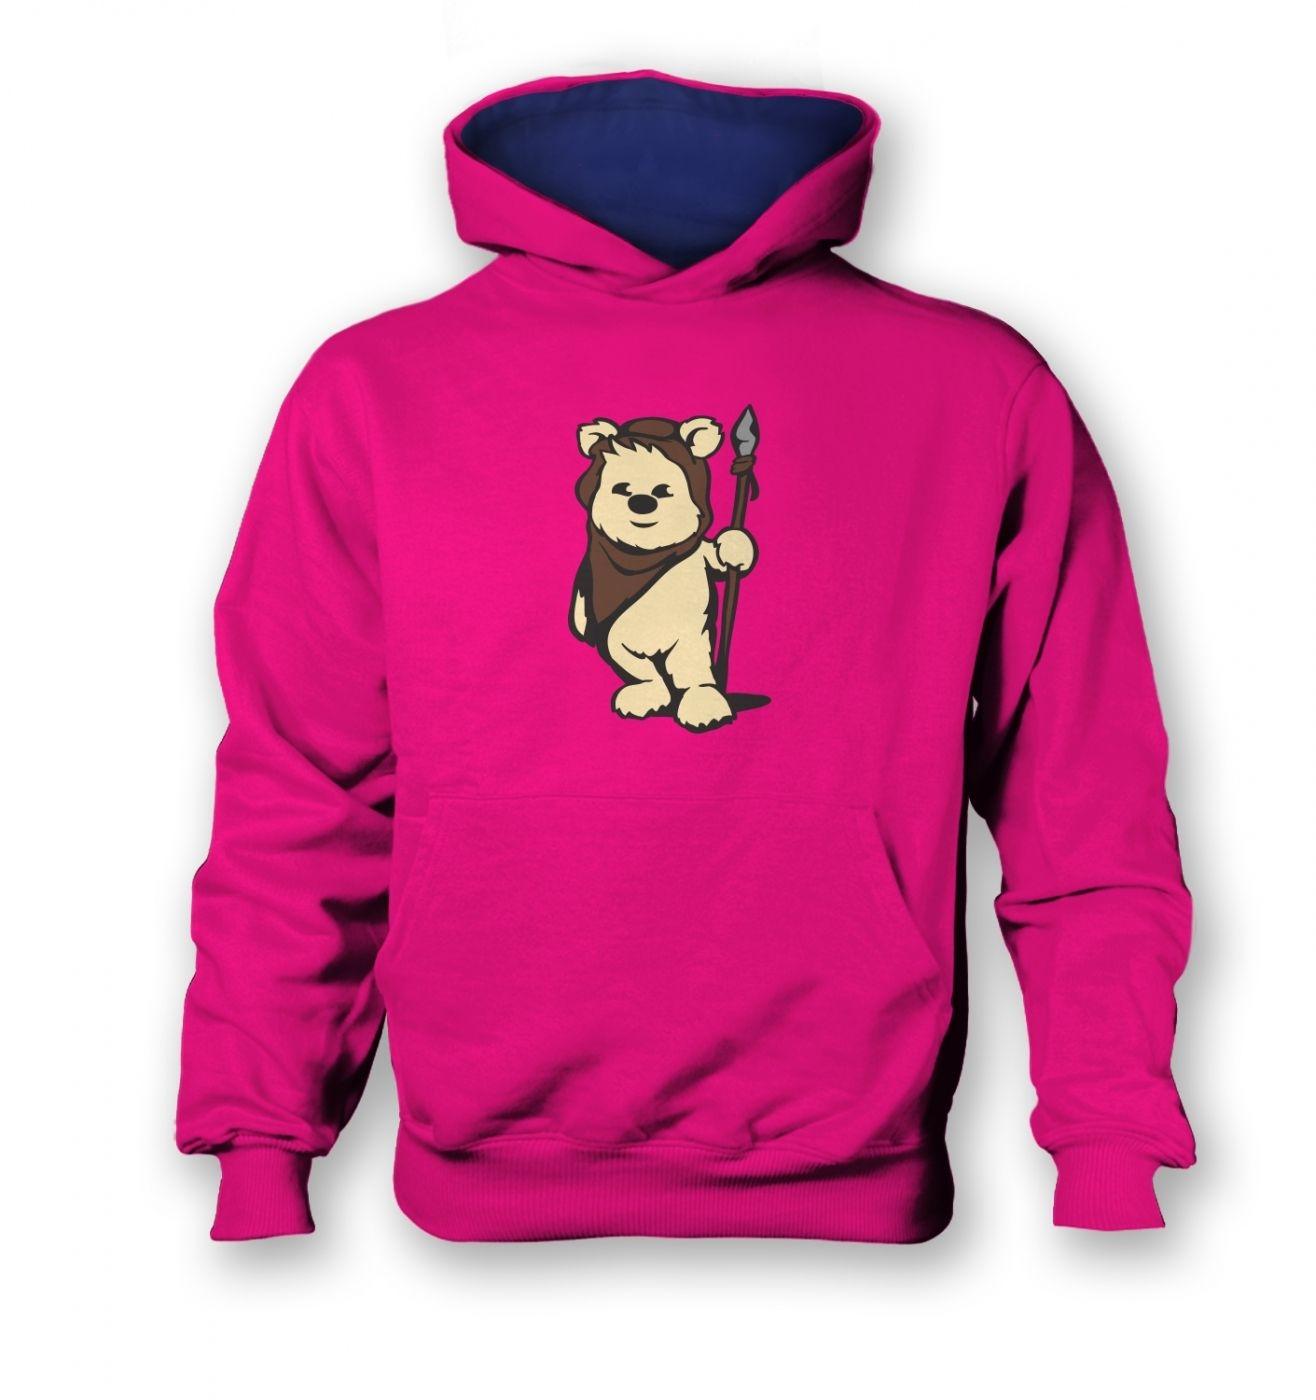 Cute Ewok kids contrast hoodie  - Inspired by Star Wars